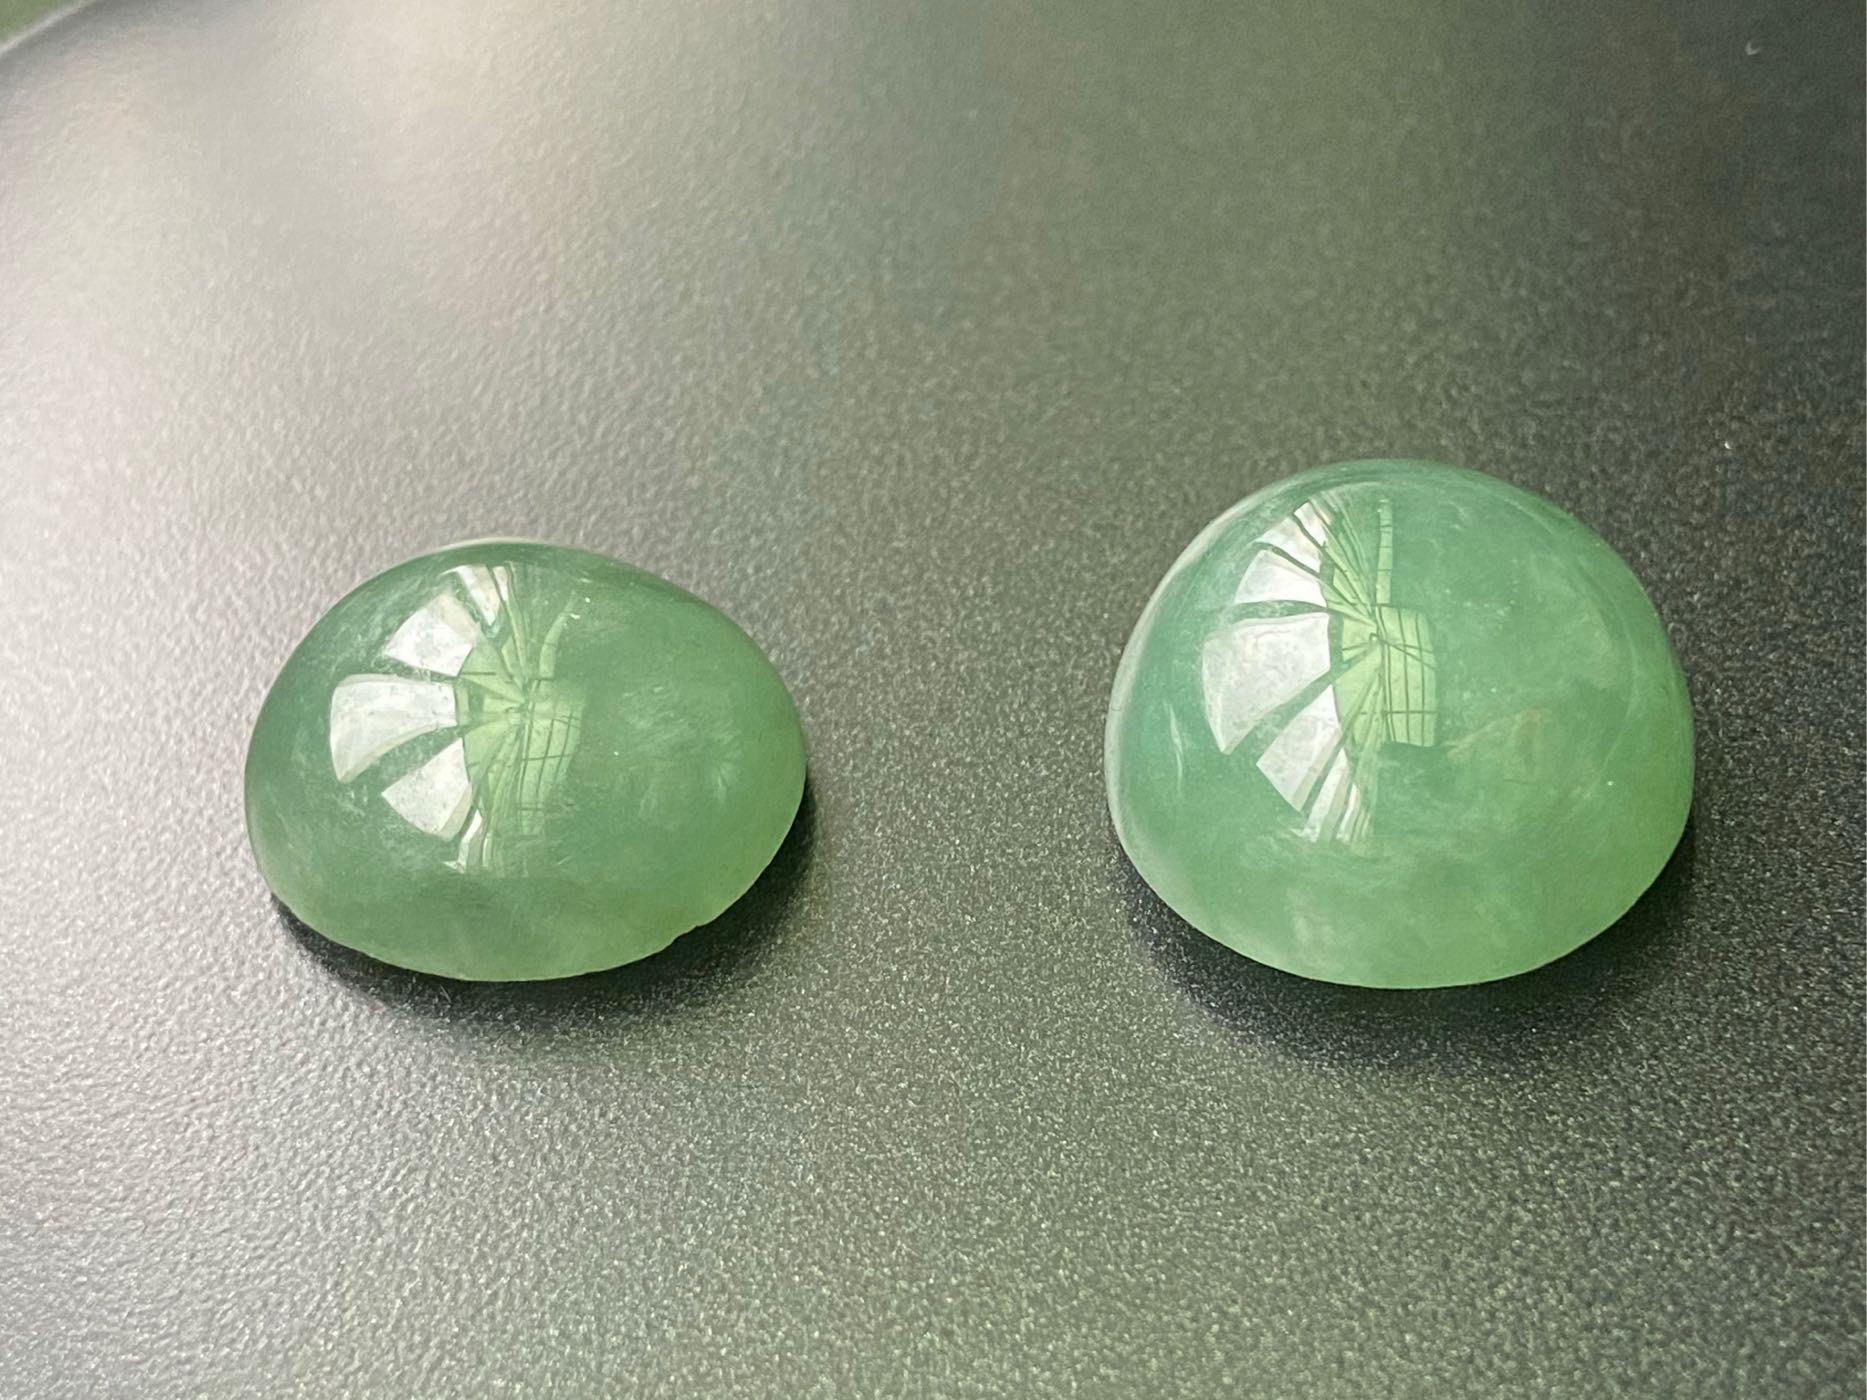 A貨翡翠,冰芙蓉種滿色水草綠恐龍蛋2顆(不單賣)